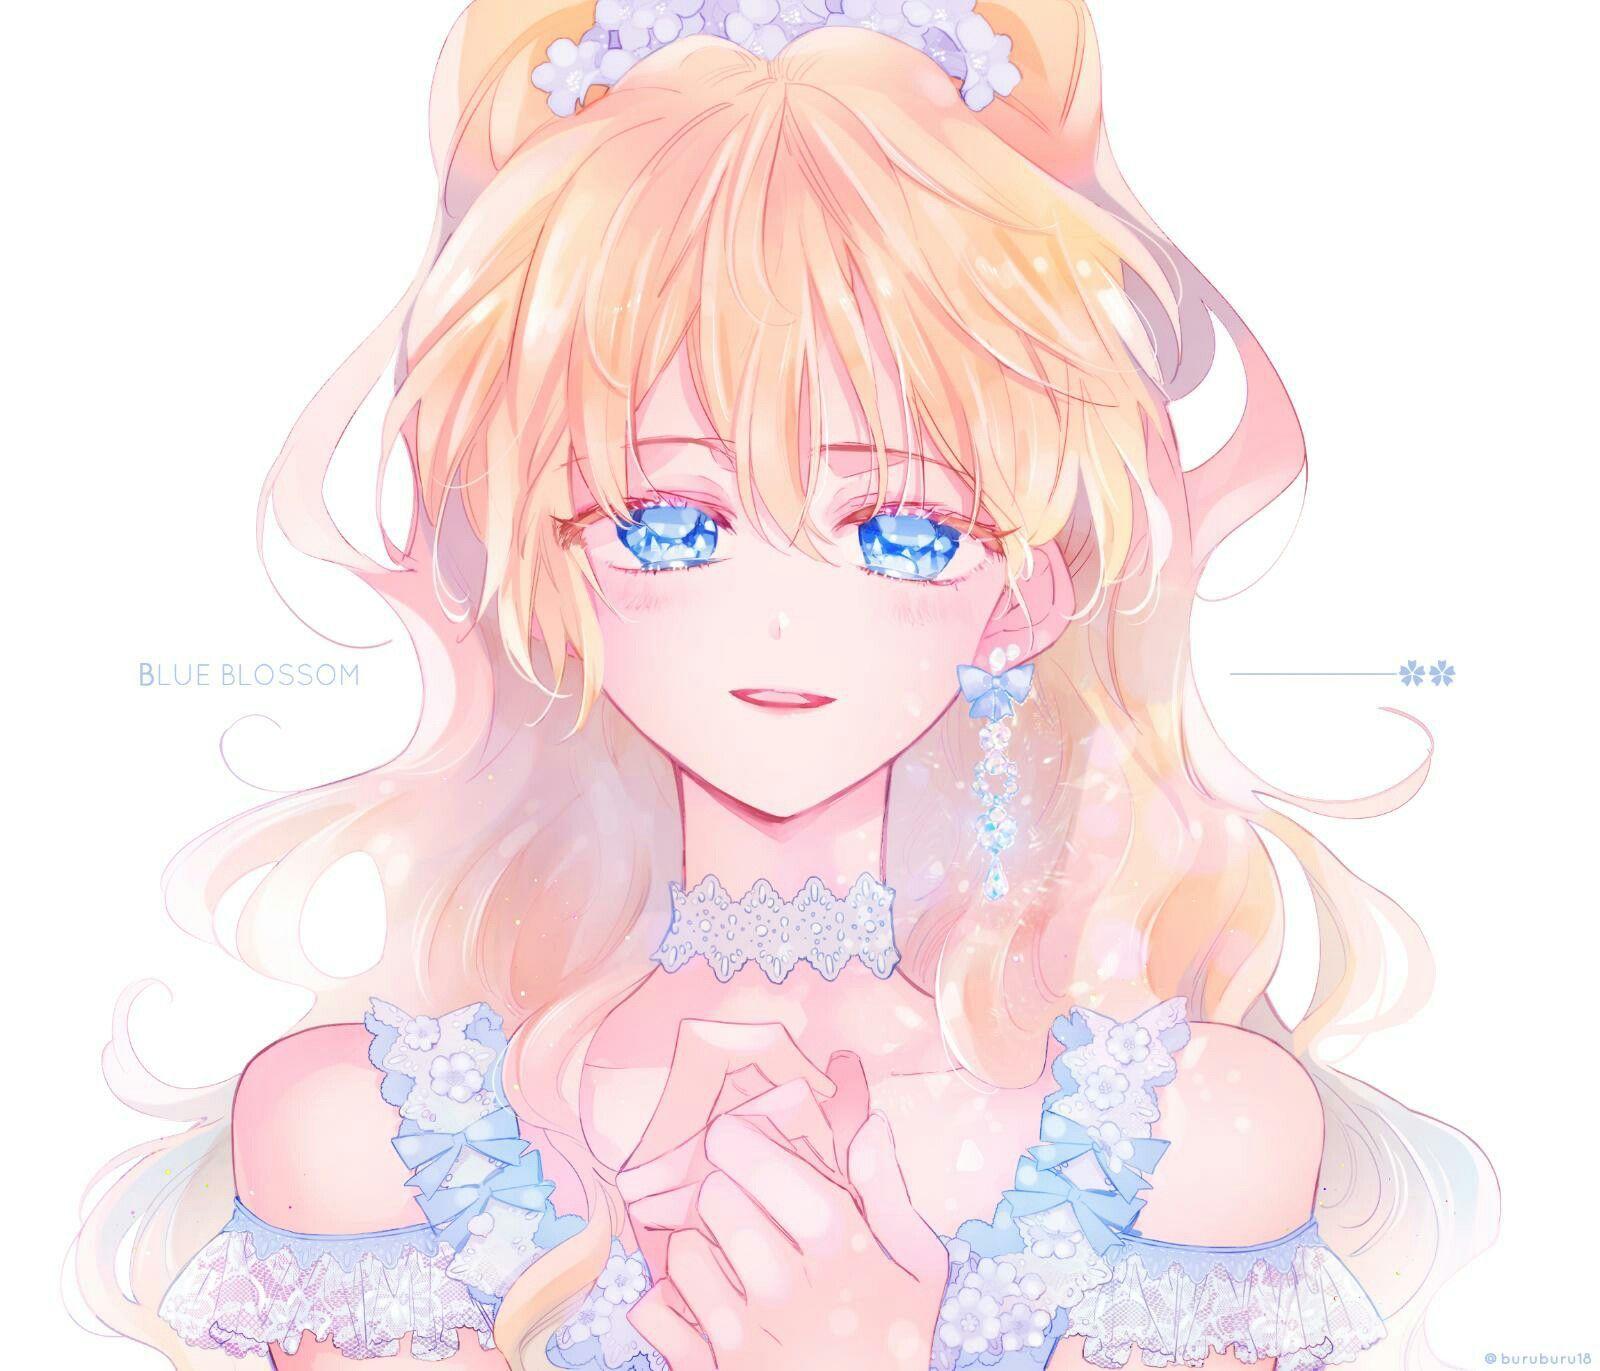 Anthanacia Gambar, Gambar anime, Seni manga